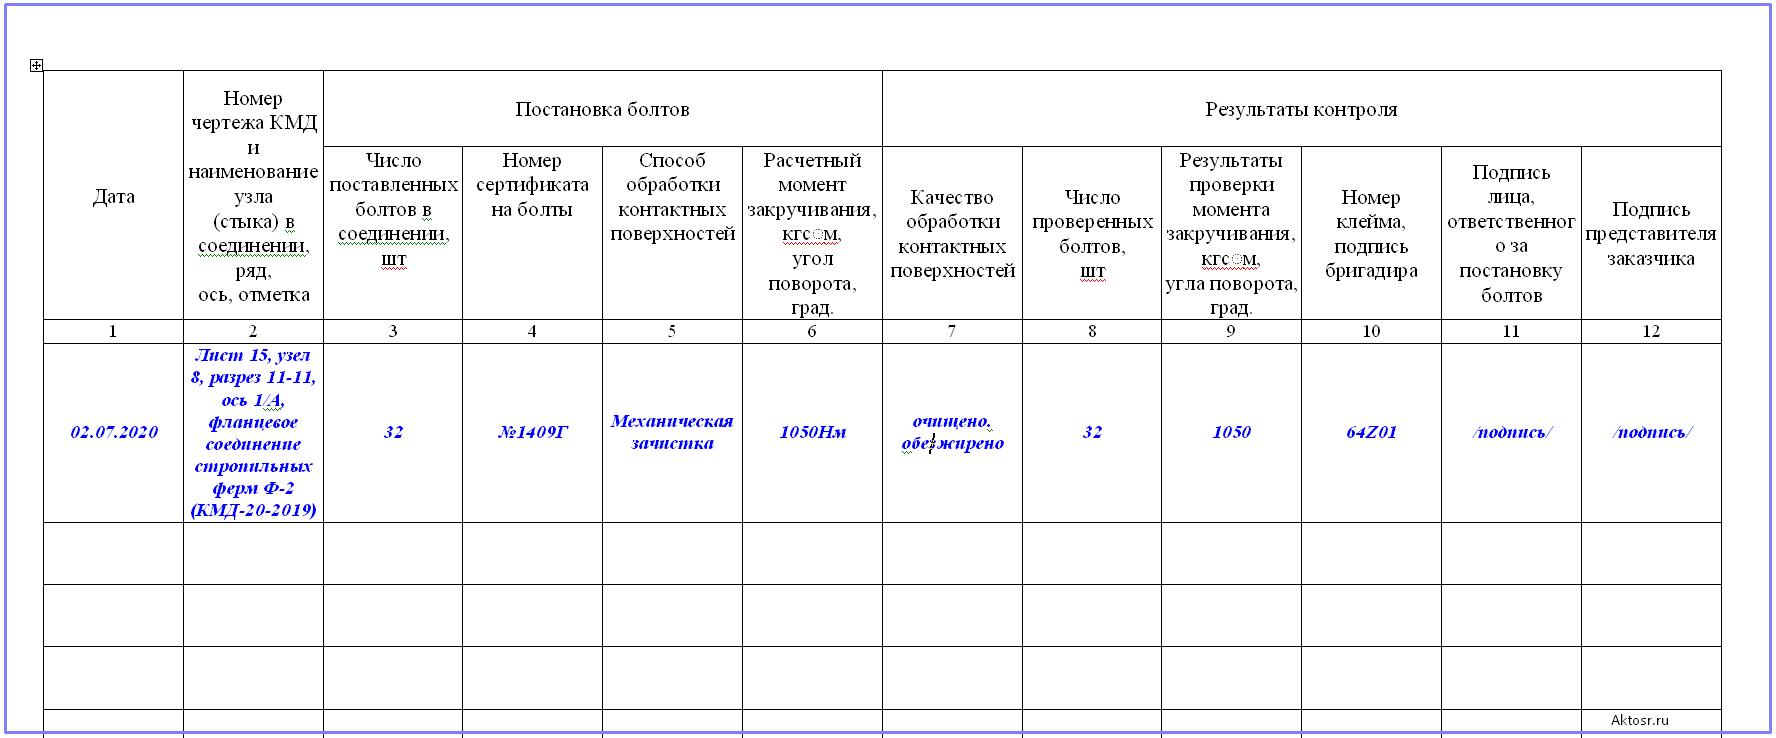 осноная таблица журнала по выполнению монтажных соединений на болтах с контролируемым натяжением